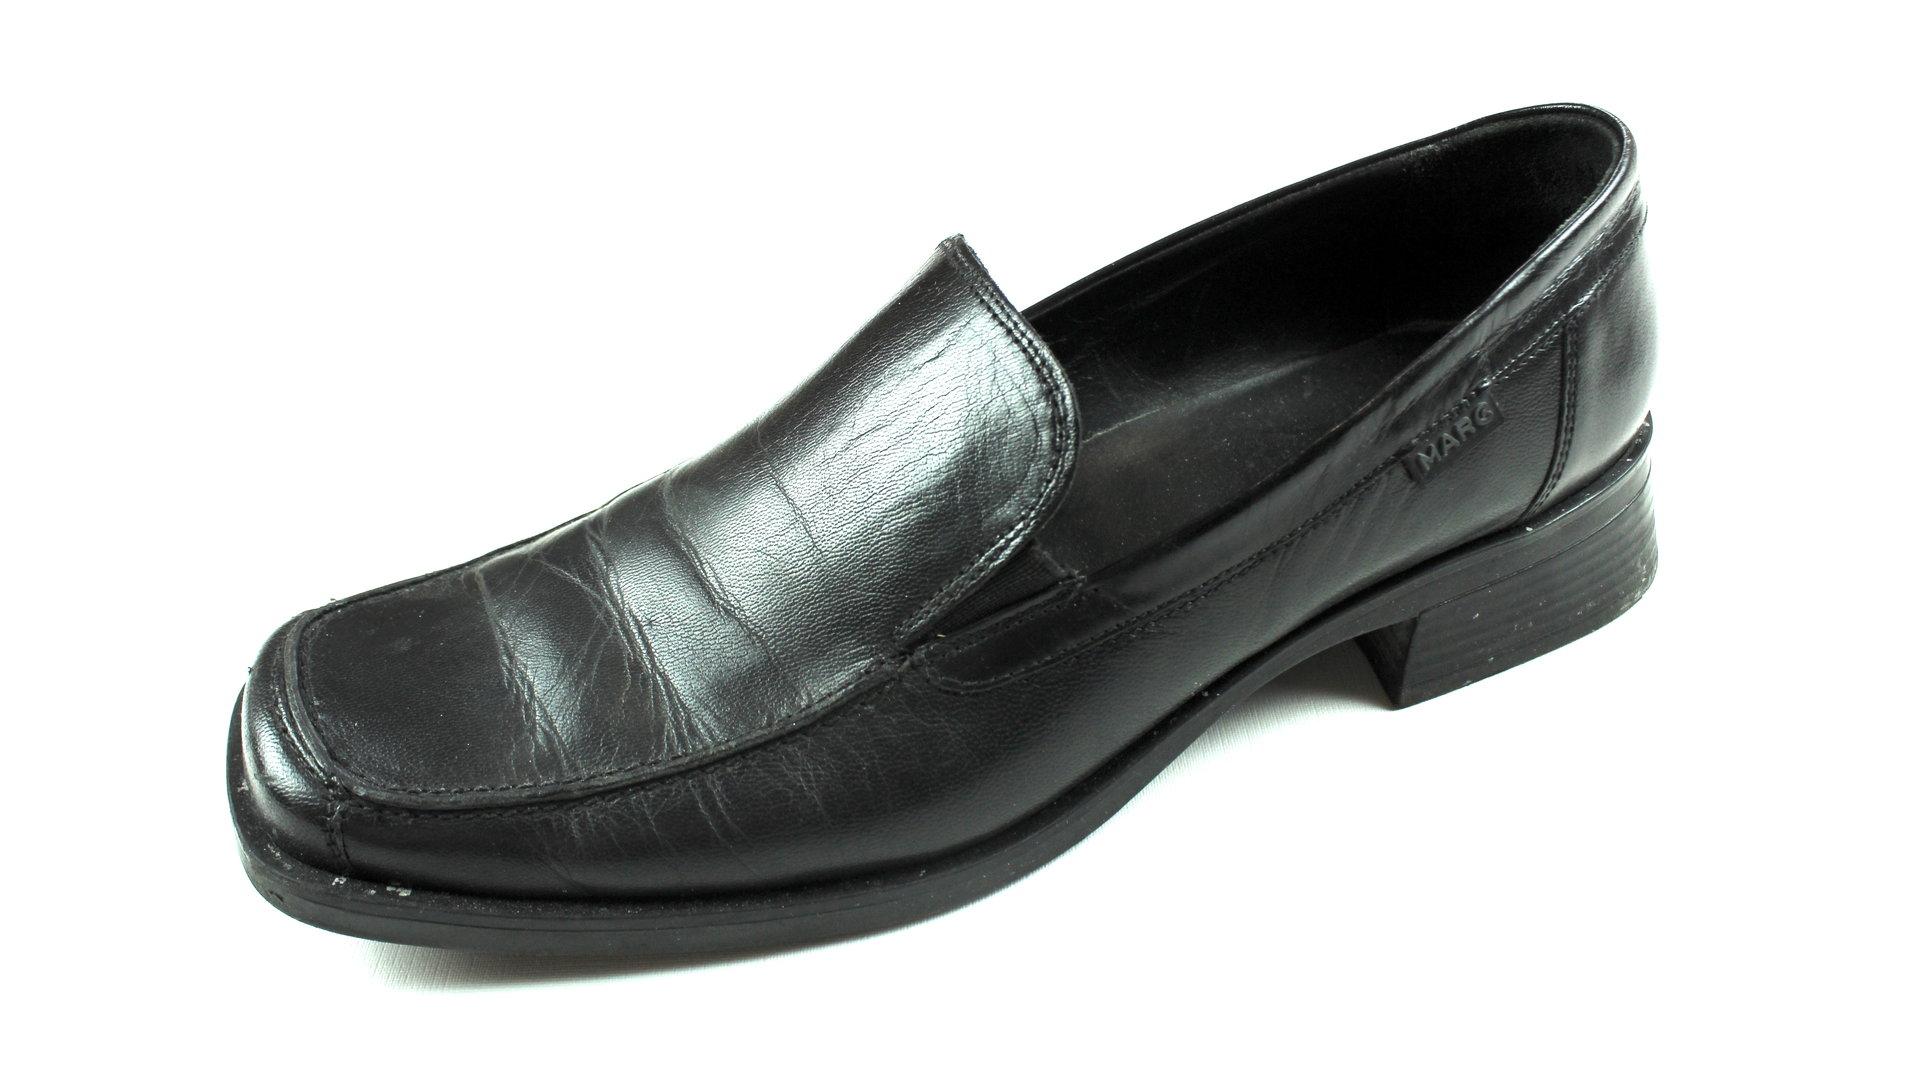 Übergröße Halb Schuhe Schwarz 43 Marc Slipper thdQrs